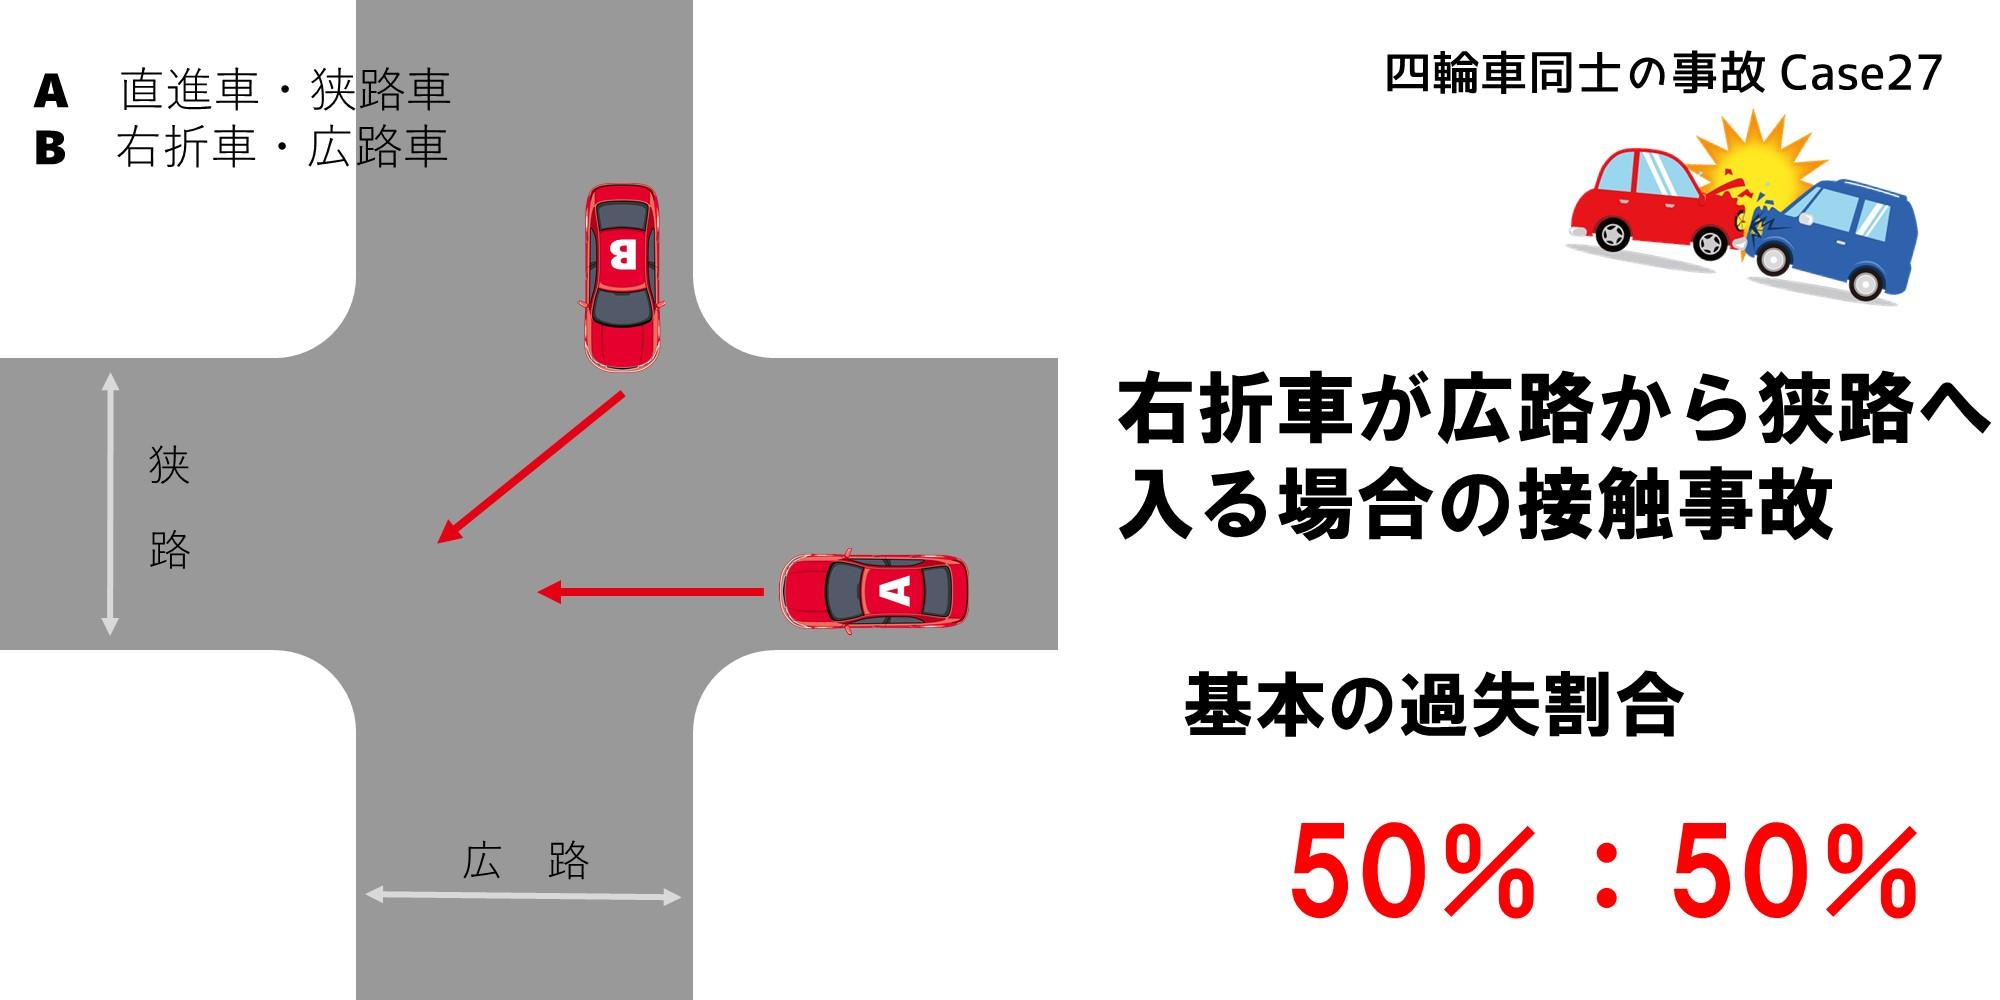 右折車が広路から狭路へ入る場合に起きた接触事故による過失割合